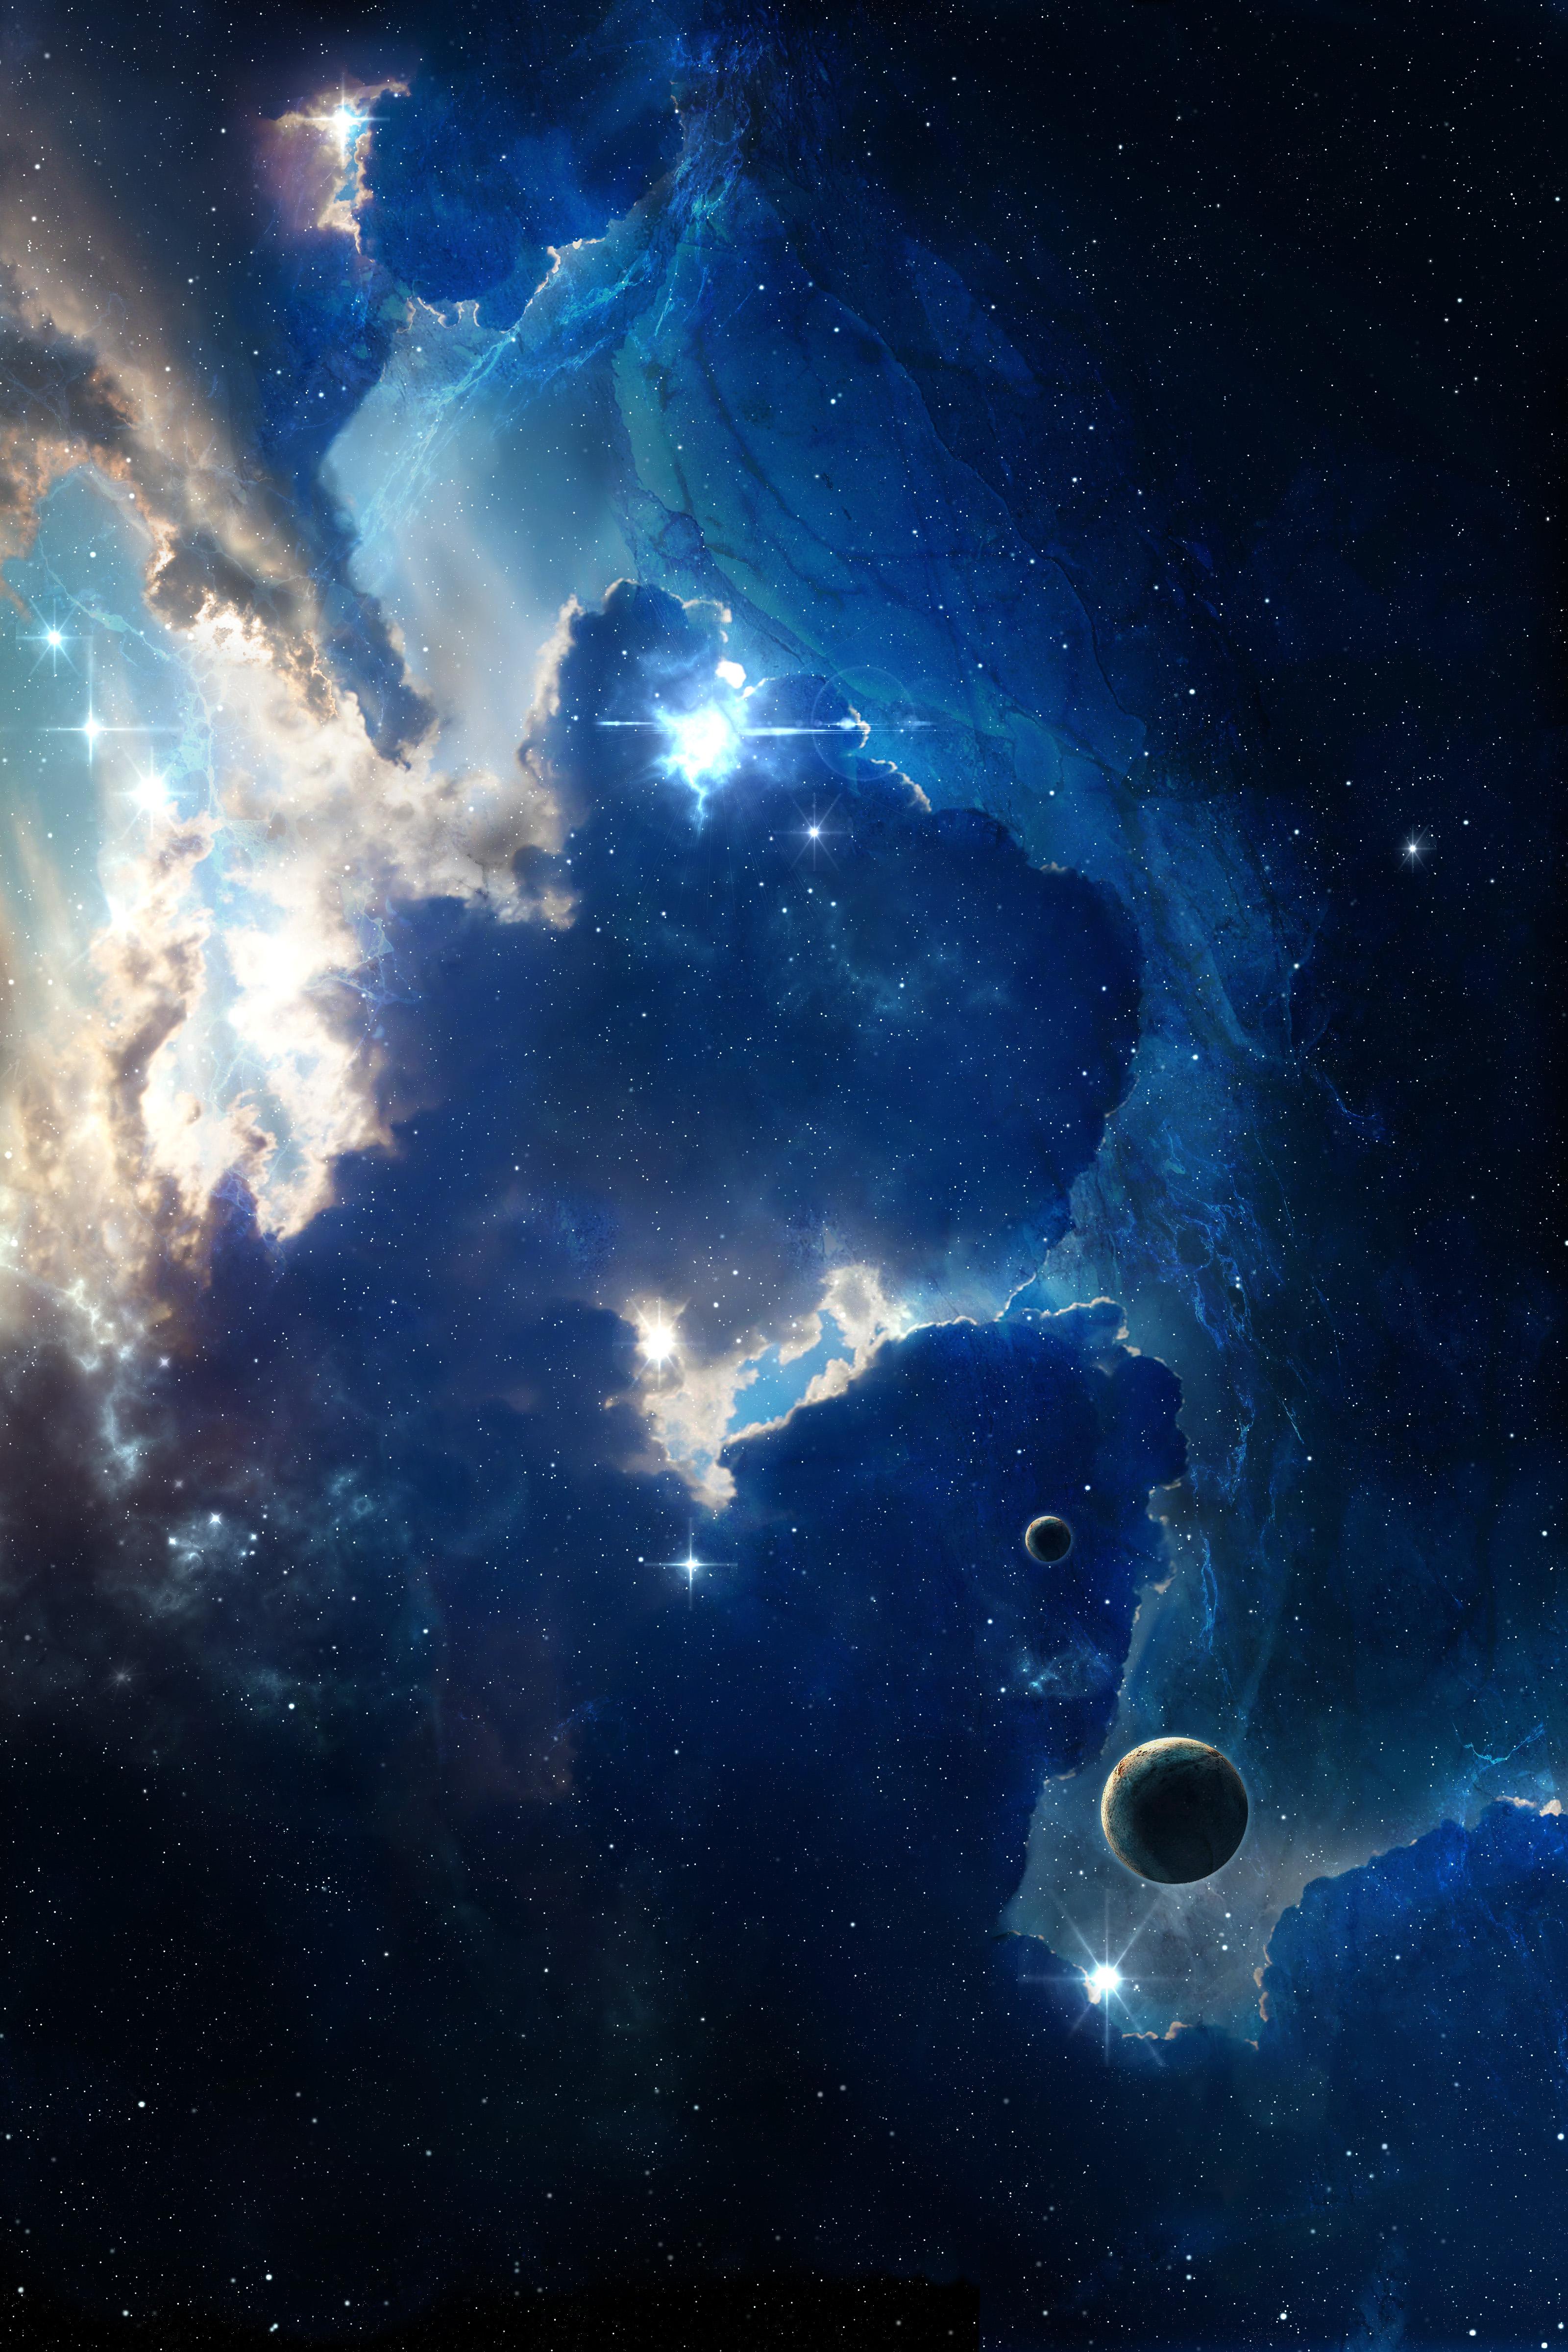 135487 fond d'écran 540x960 sur votre téléphone gratuitement, téléchargez des images Univers, Etoiles, Shining, Nébuleuse, Galaxie 540x960 sur votre mobile